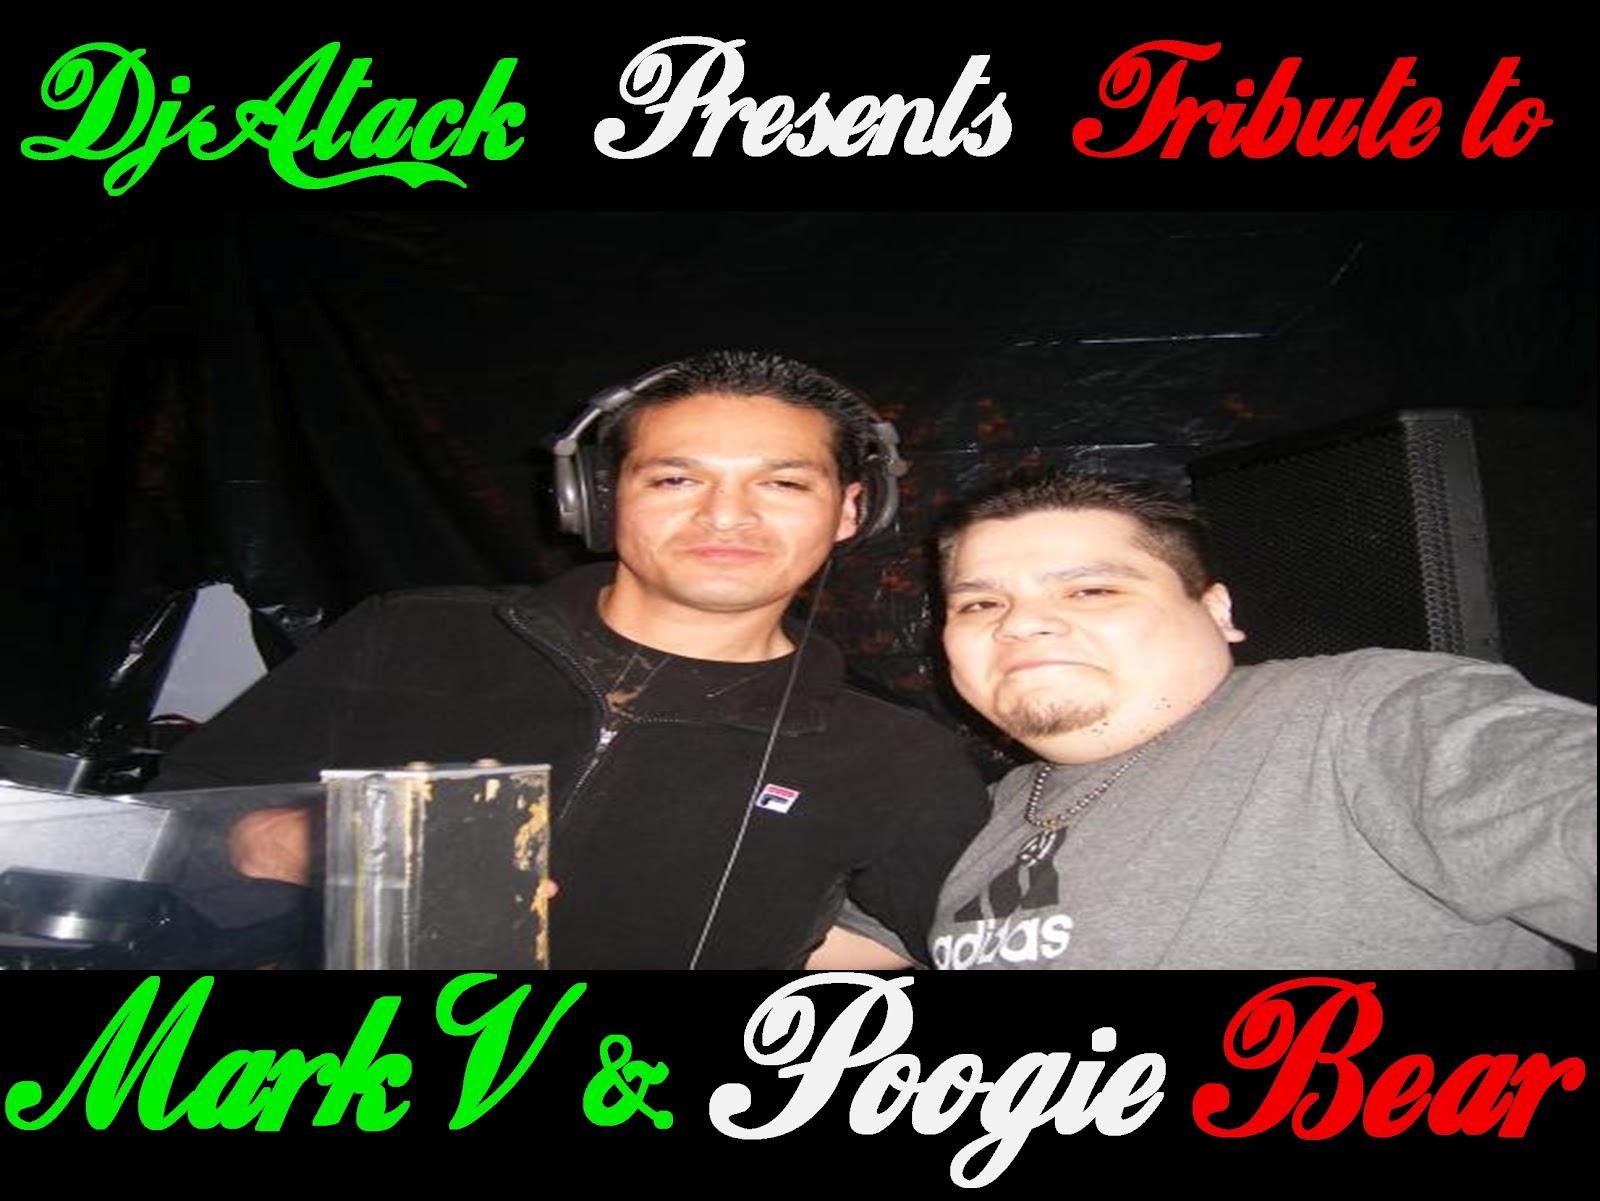 Mark V. & Poogie Bear - Beats For The Hardheadz